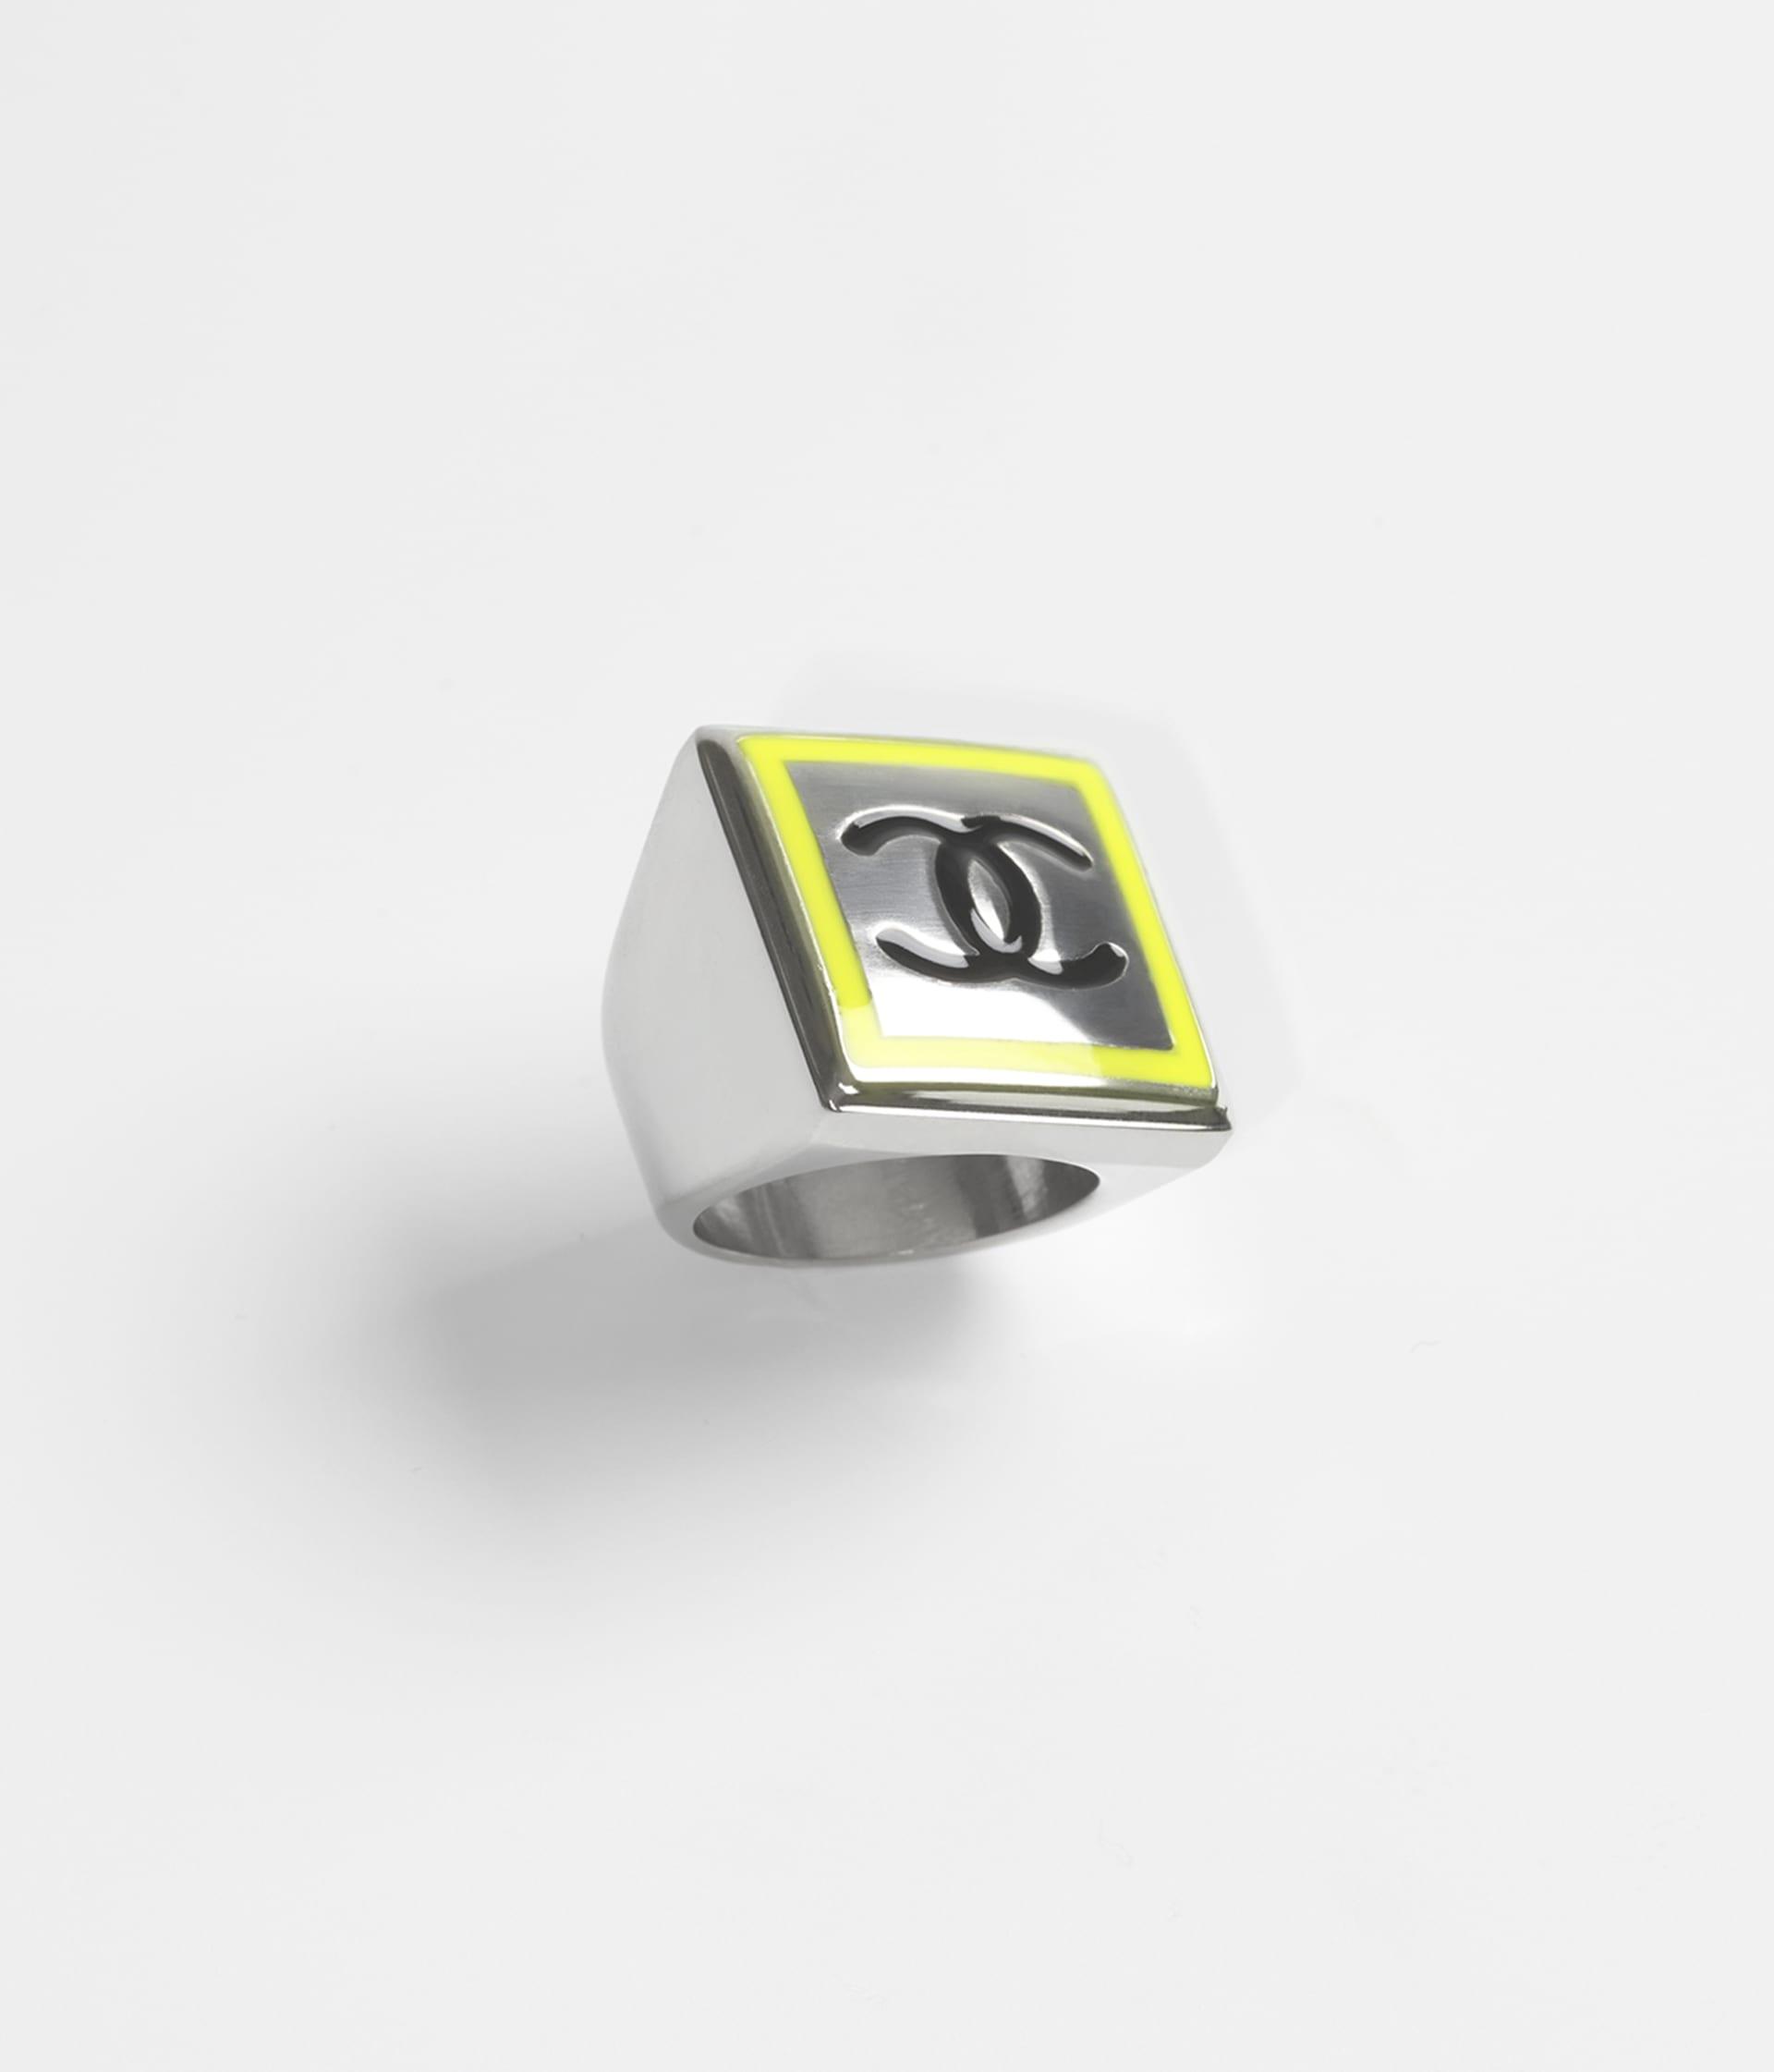 image 1 - Ring - Metal - Silver, Neon Yellow & Black